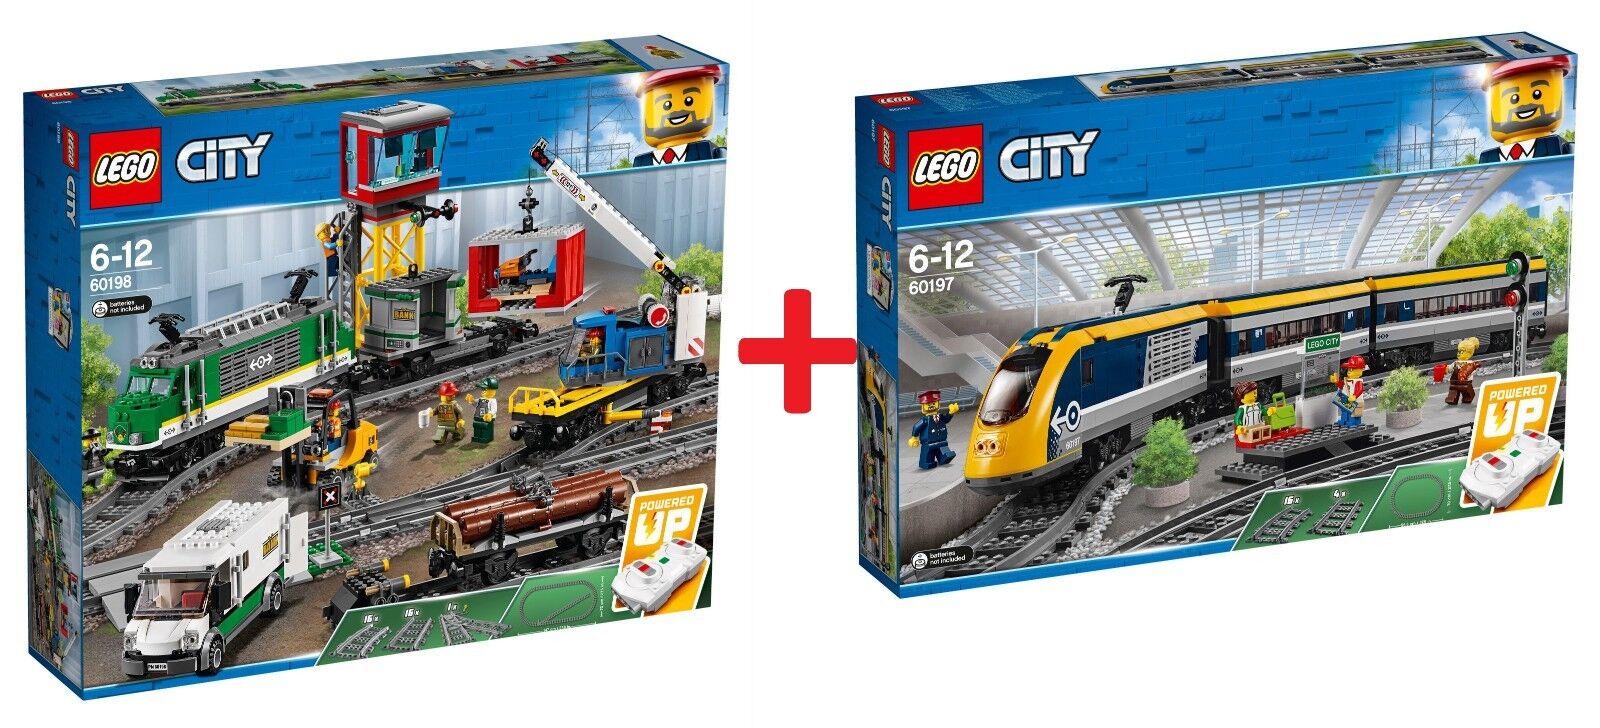 LEGO® COLLECTION COLLECTION COLLECTION 2018 - RC Train 60197 Passenger Train + 60198 Cargo Train - NEW 615900